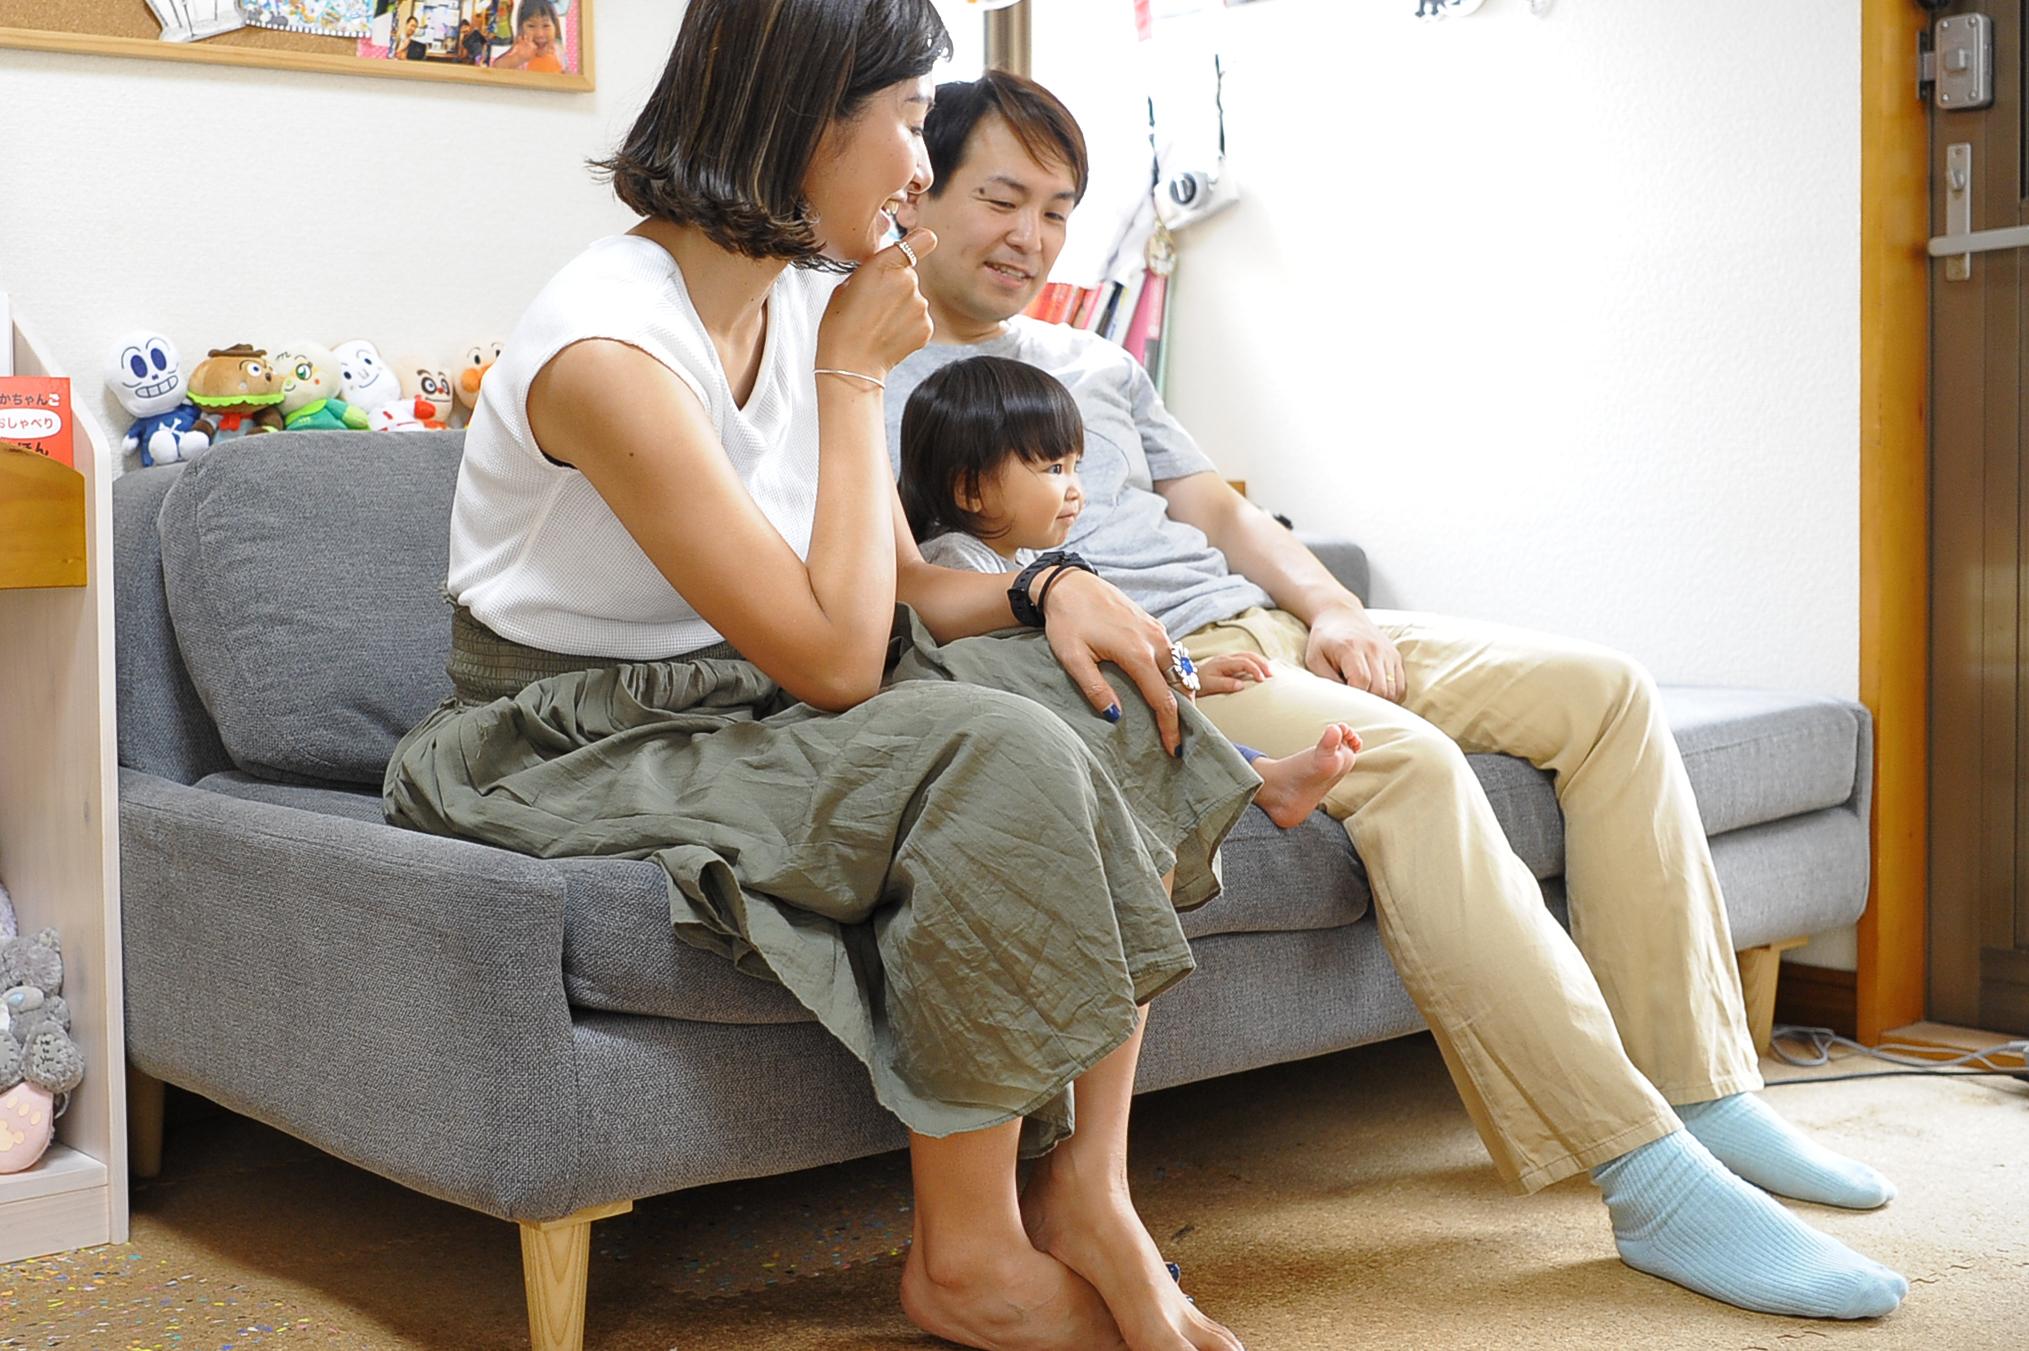 どんな家族の時間を作っていきたいですか